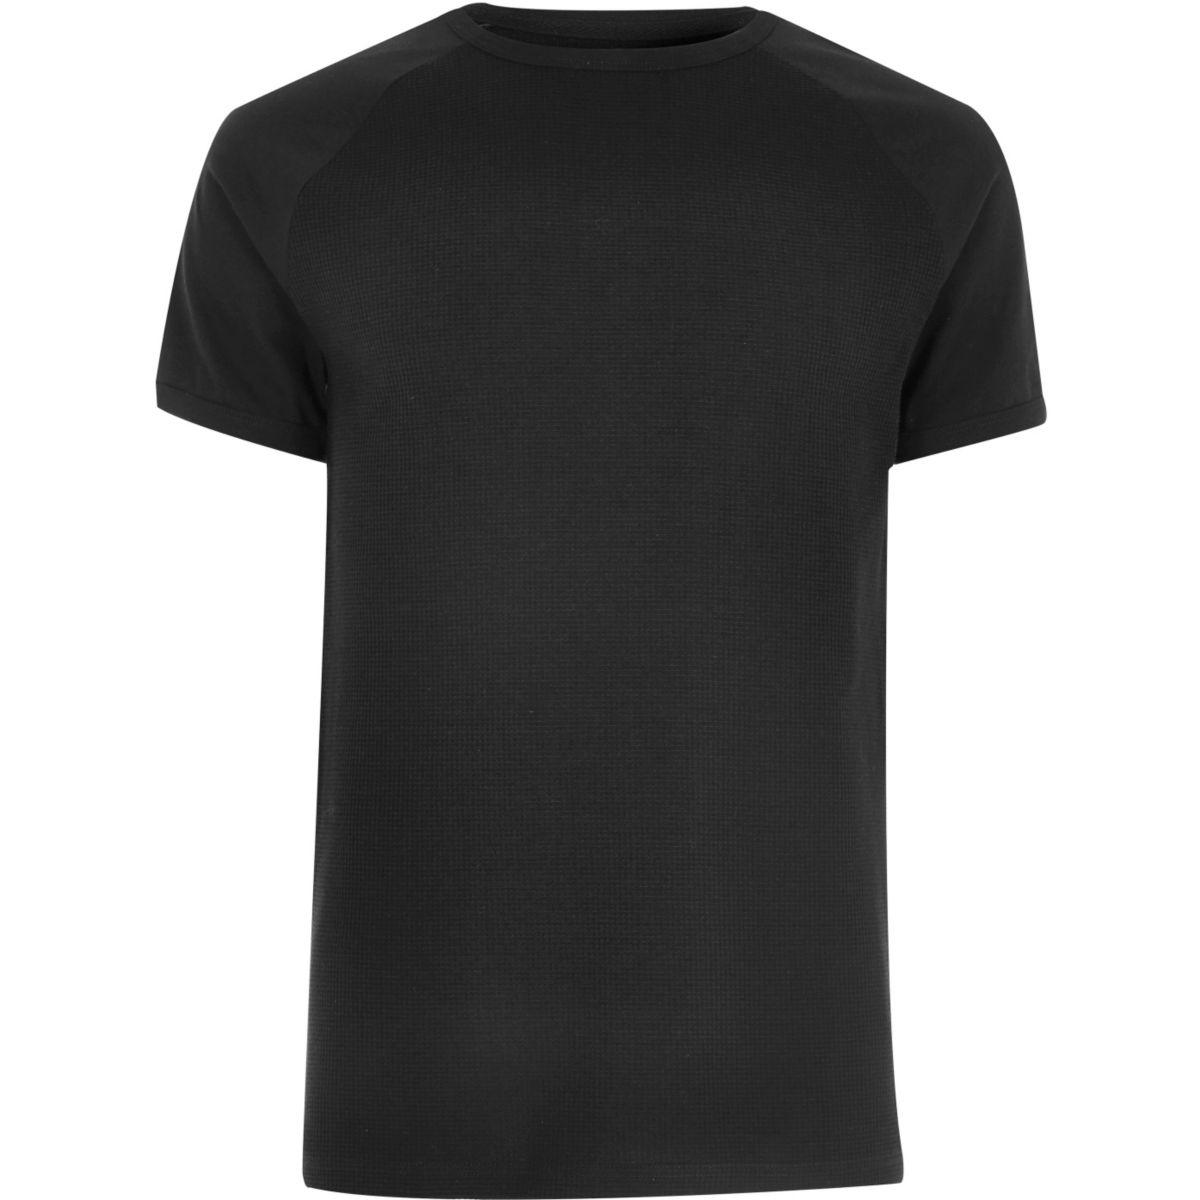 T-shirt noir gaufré à manches raglan